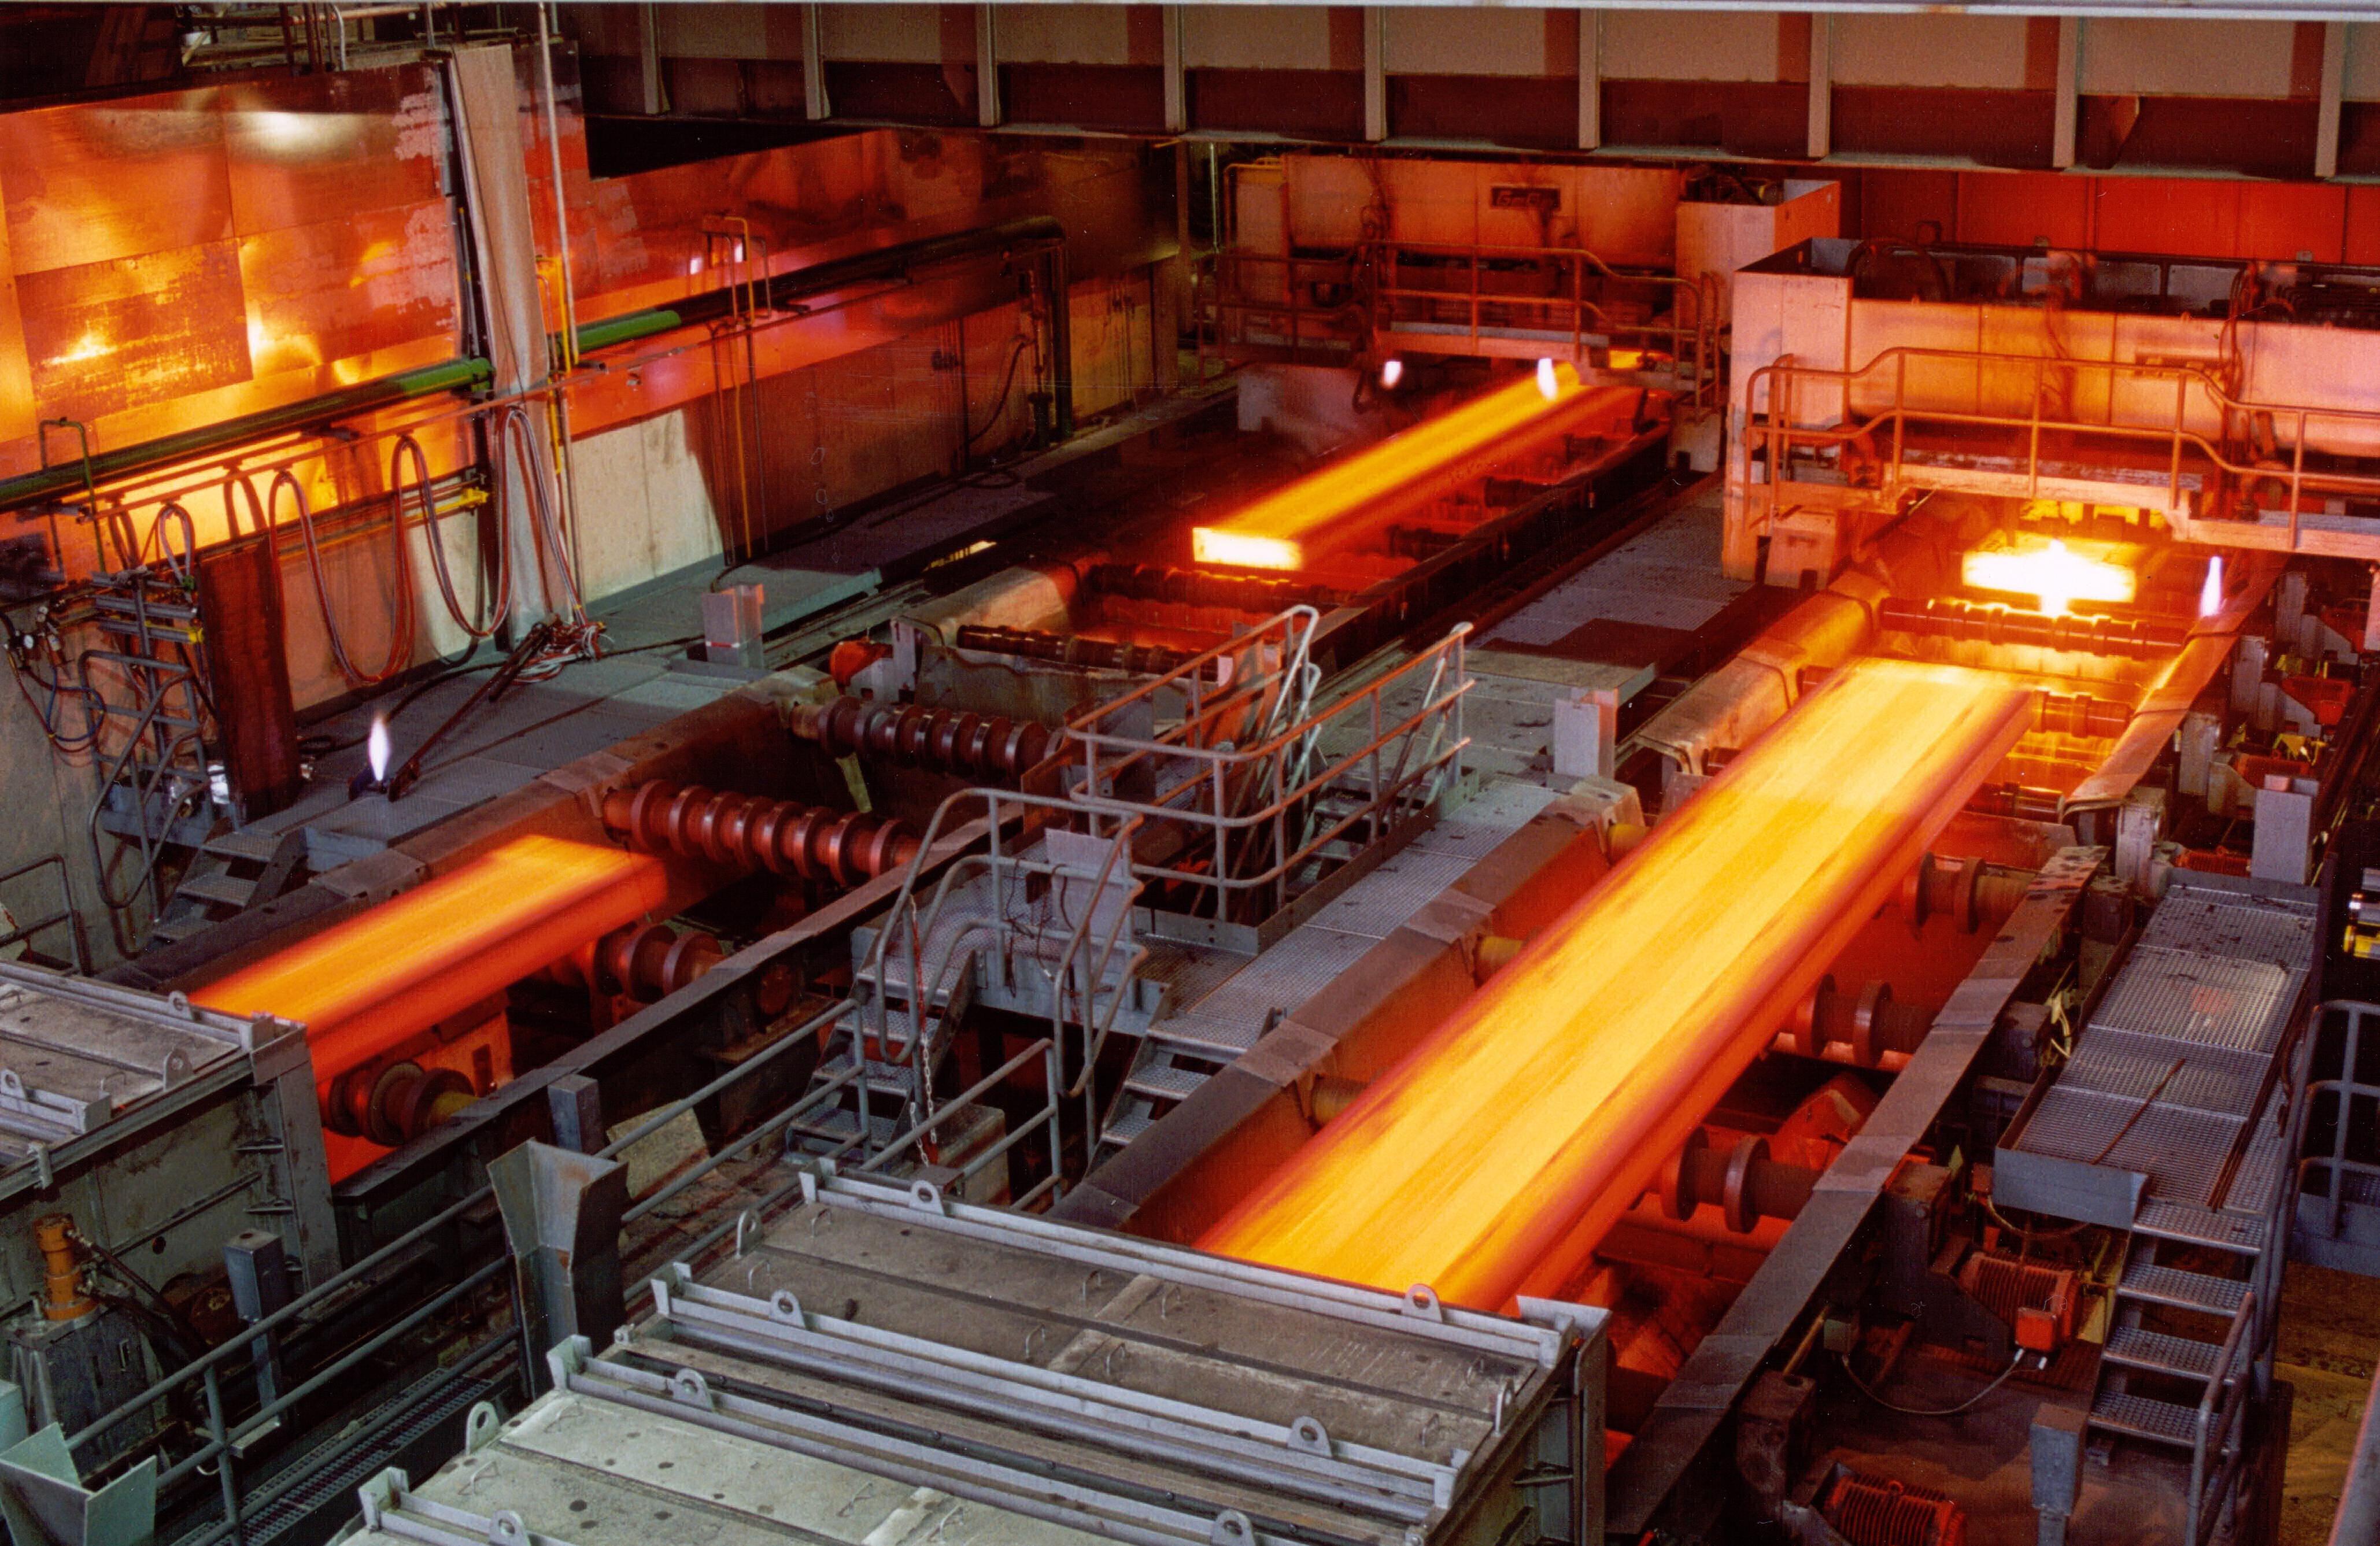 عزم جدی مجلس ودولت برای حمایت صنعت و کارخانه های در حال ورشکستگی